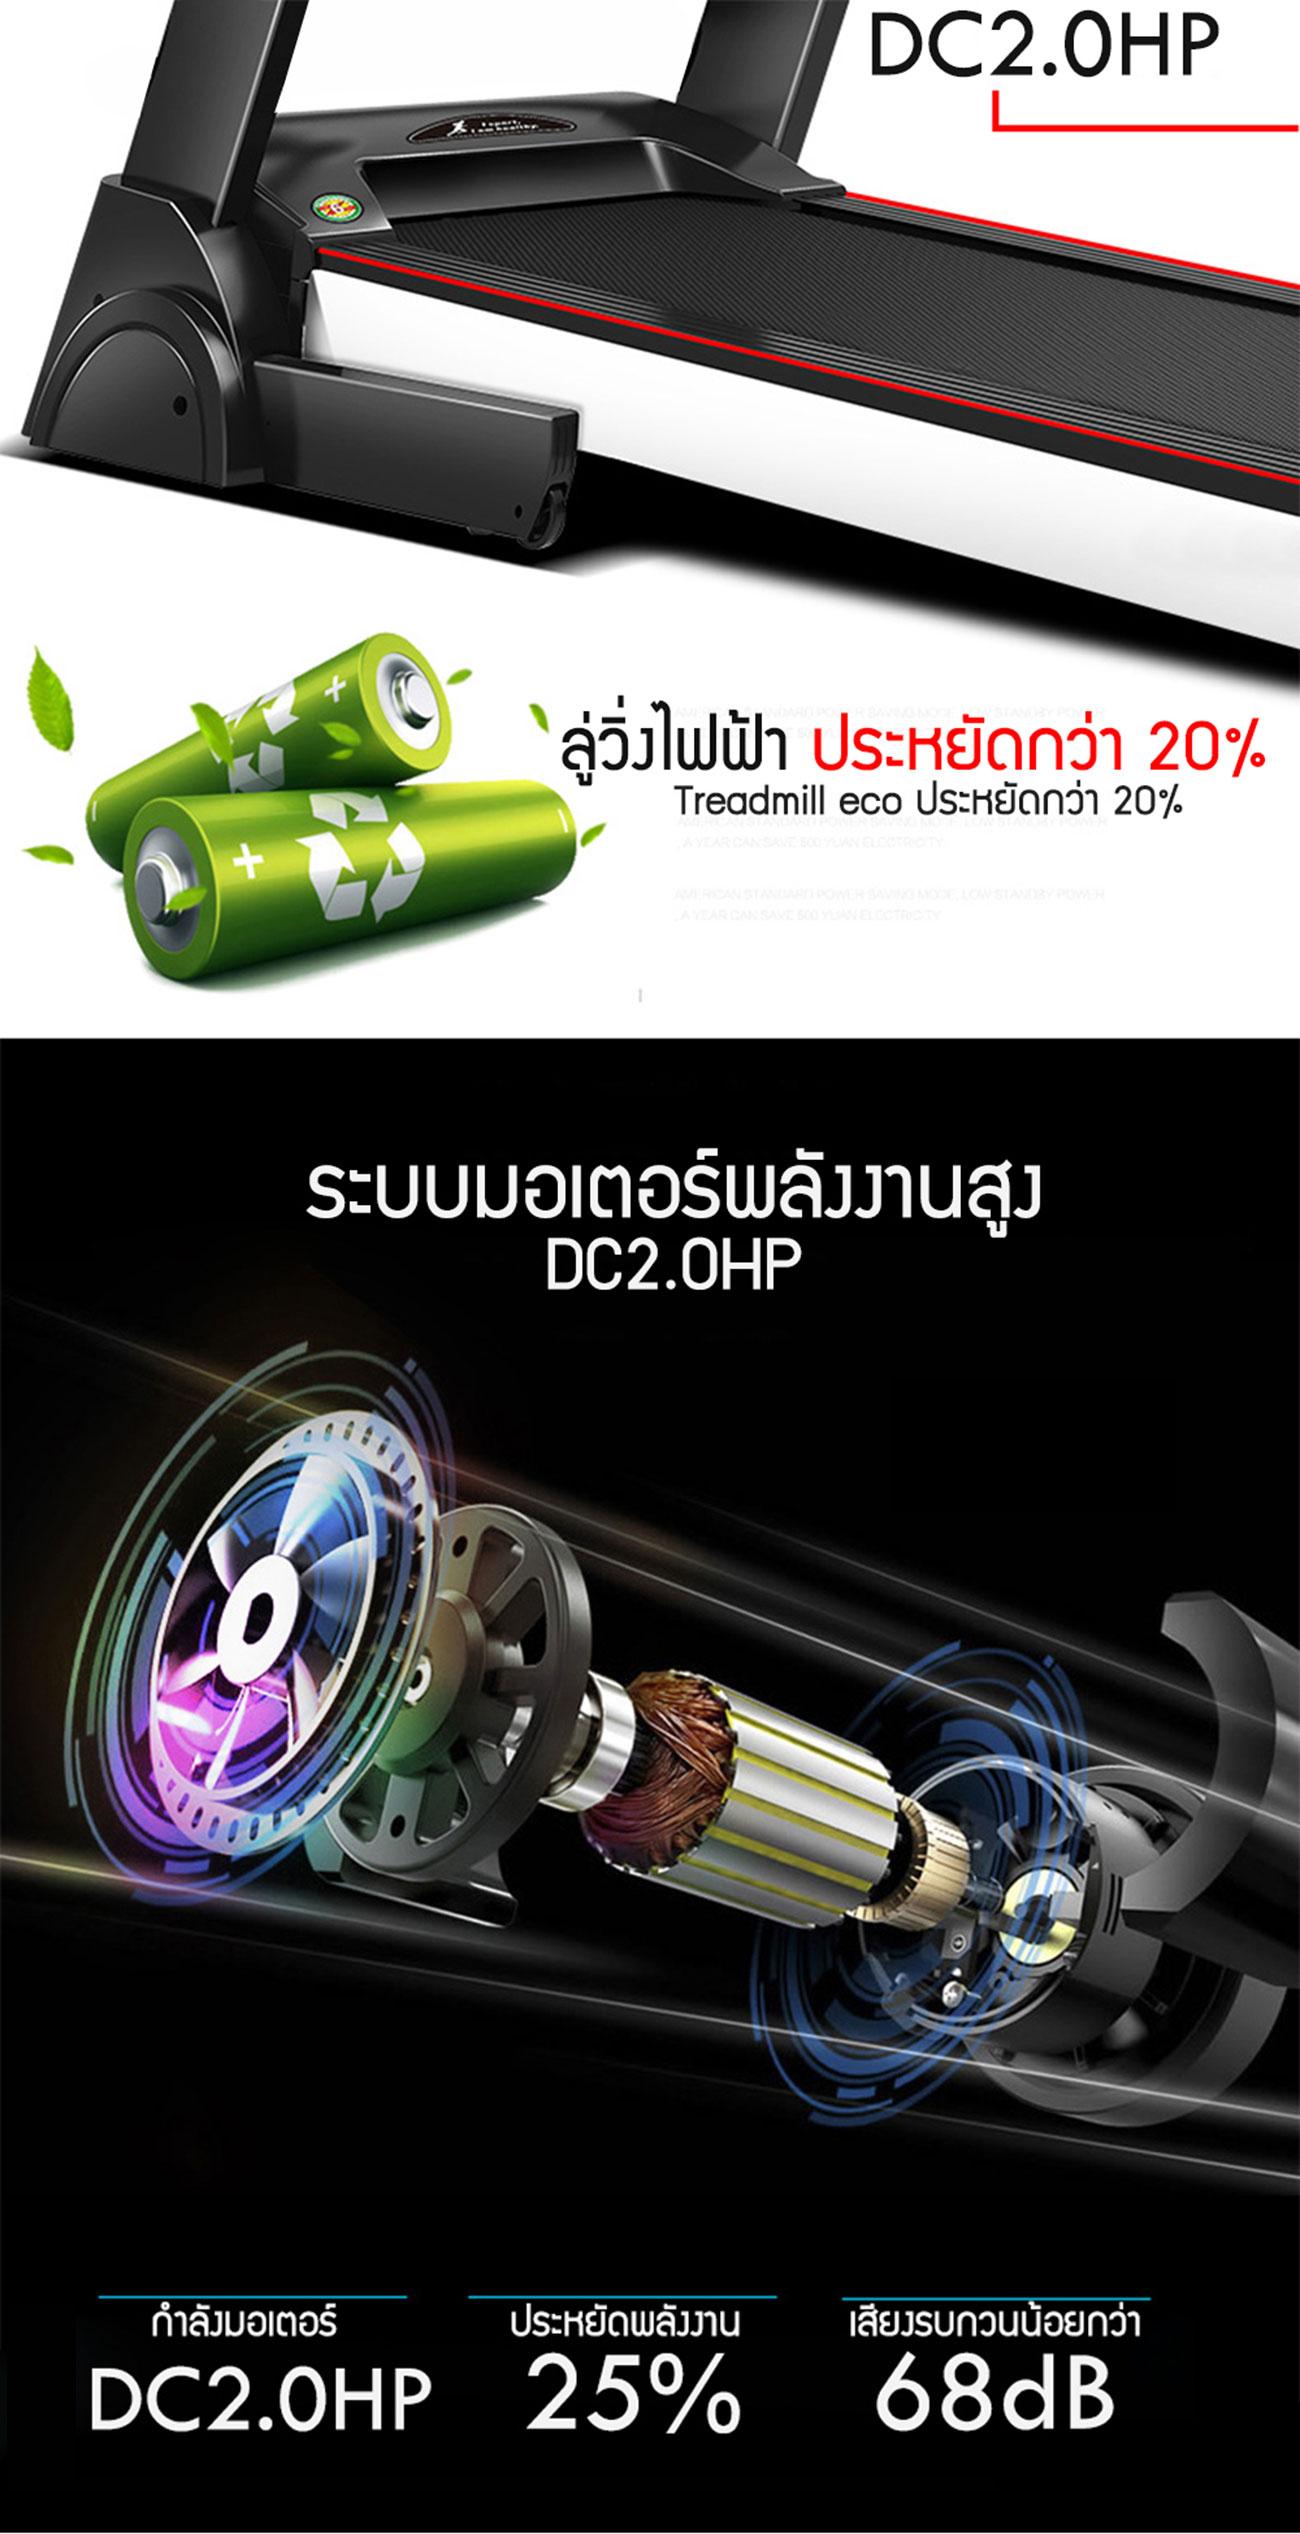 ลู่วิ่งไฟฟ้า ฟิตทูเฟิร์ม รุ่น DK-12AF - 2.0 CHP motor